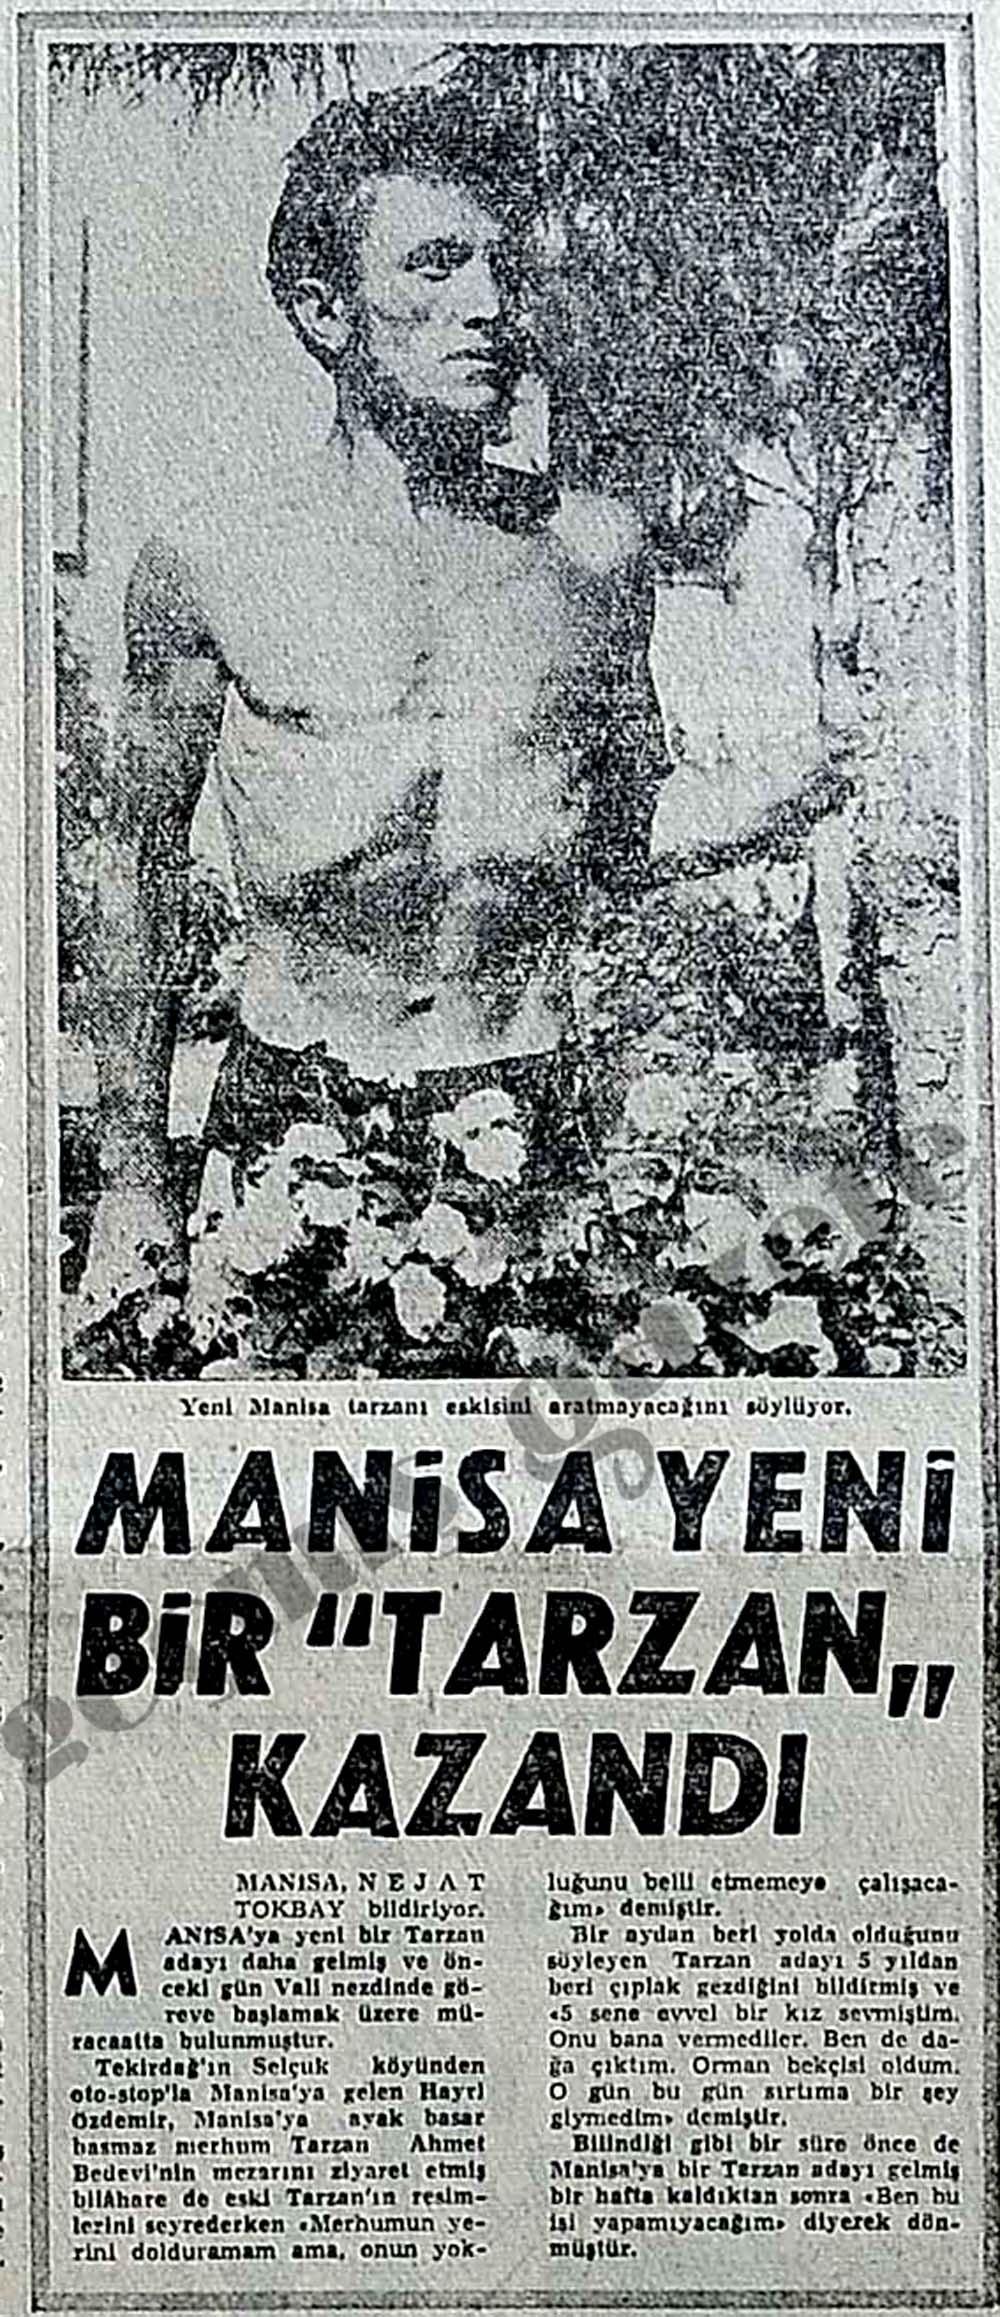 """Manisa yeni bir """"Tarzan"""" kazandı"""